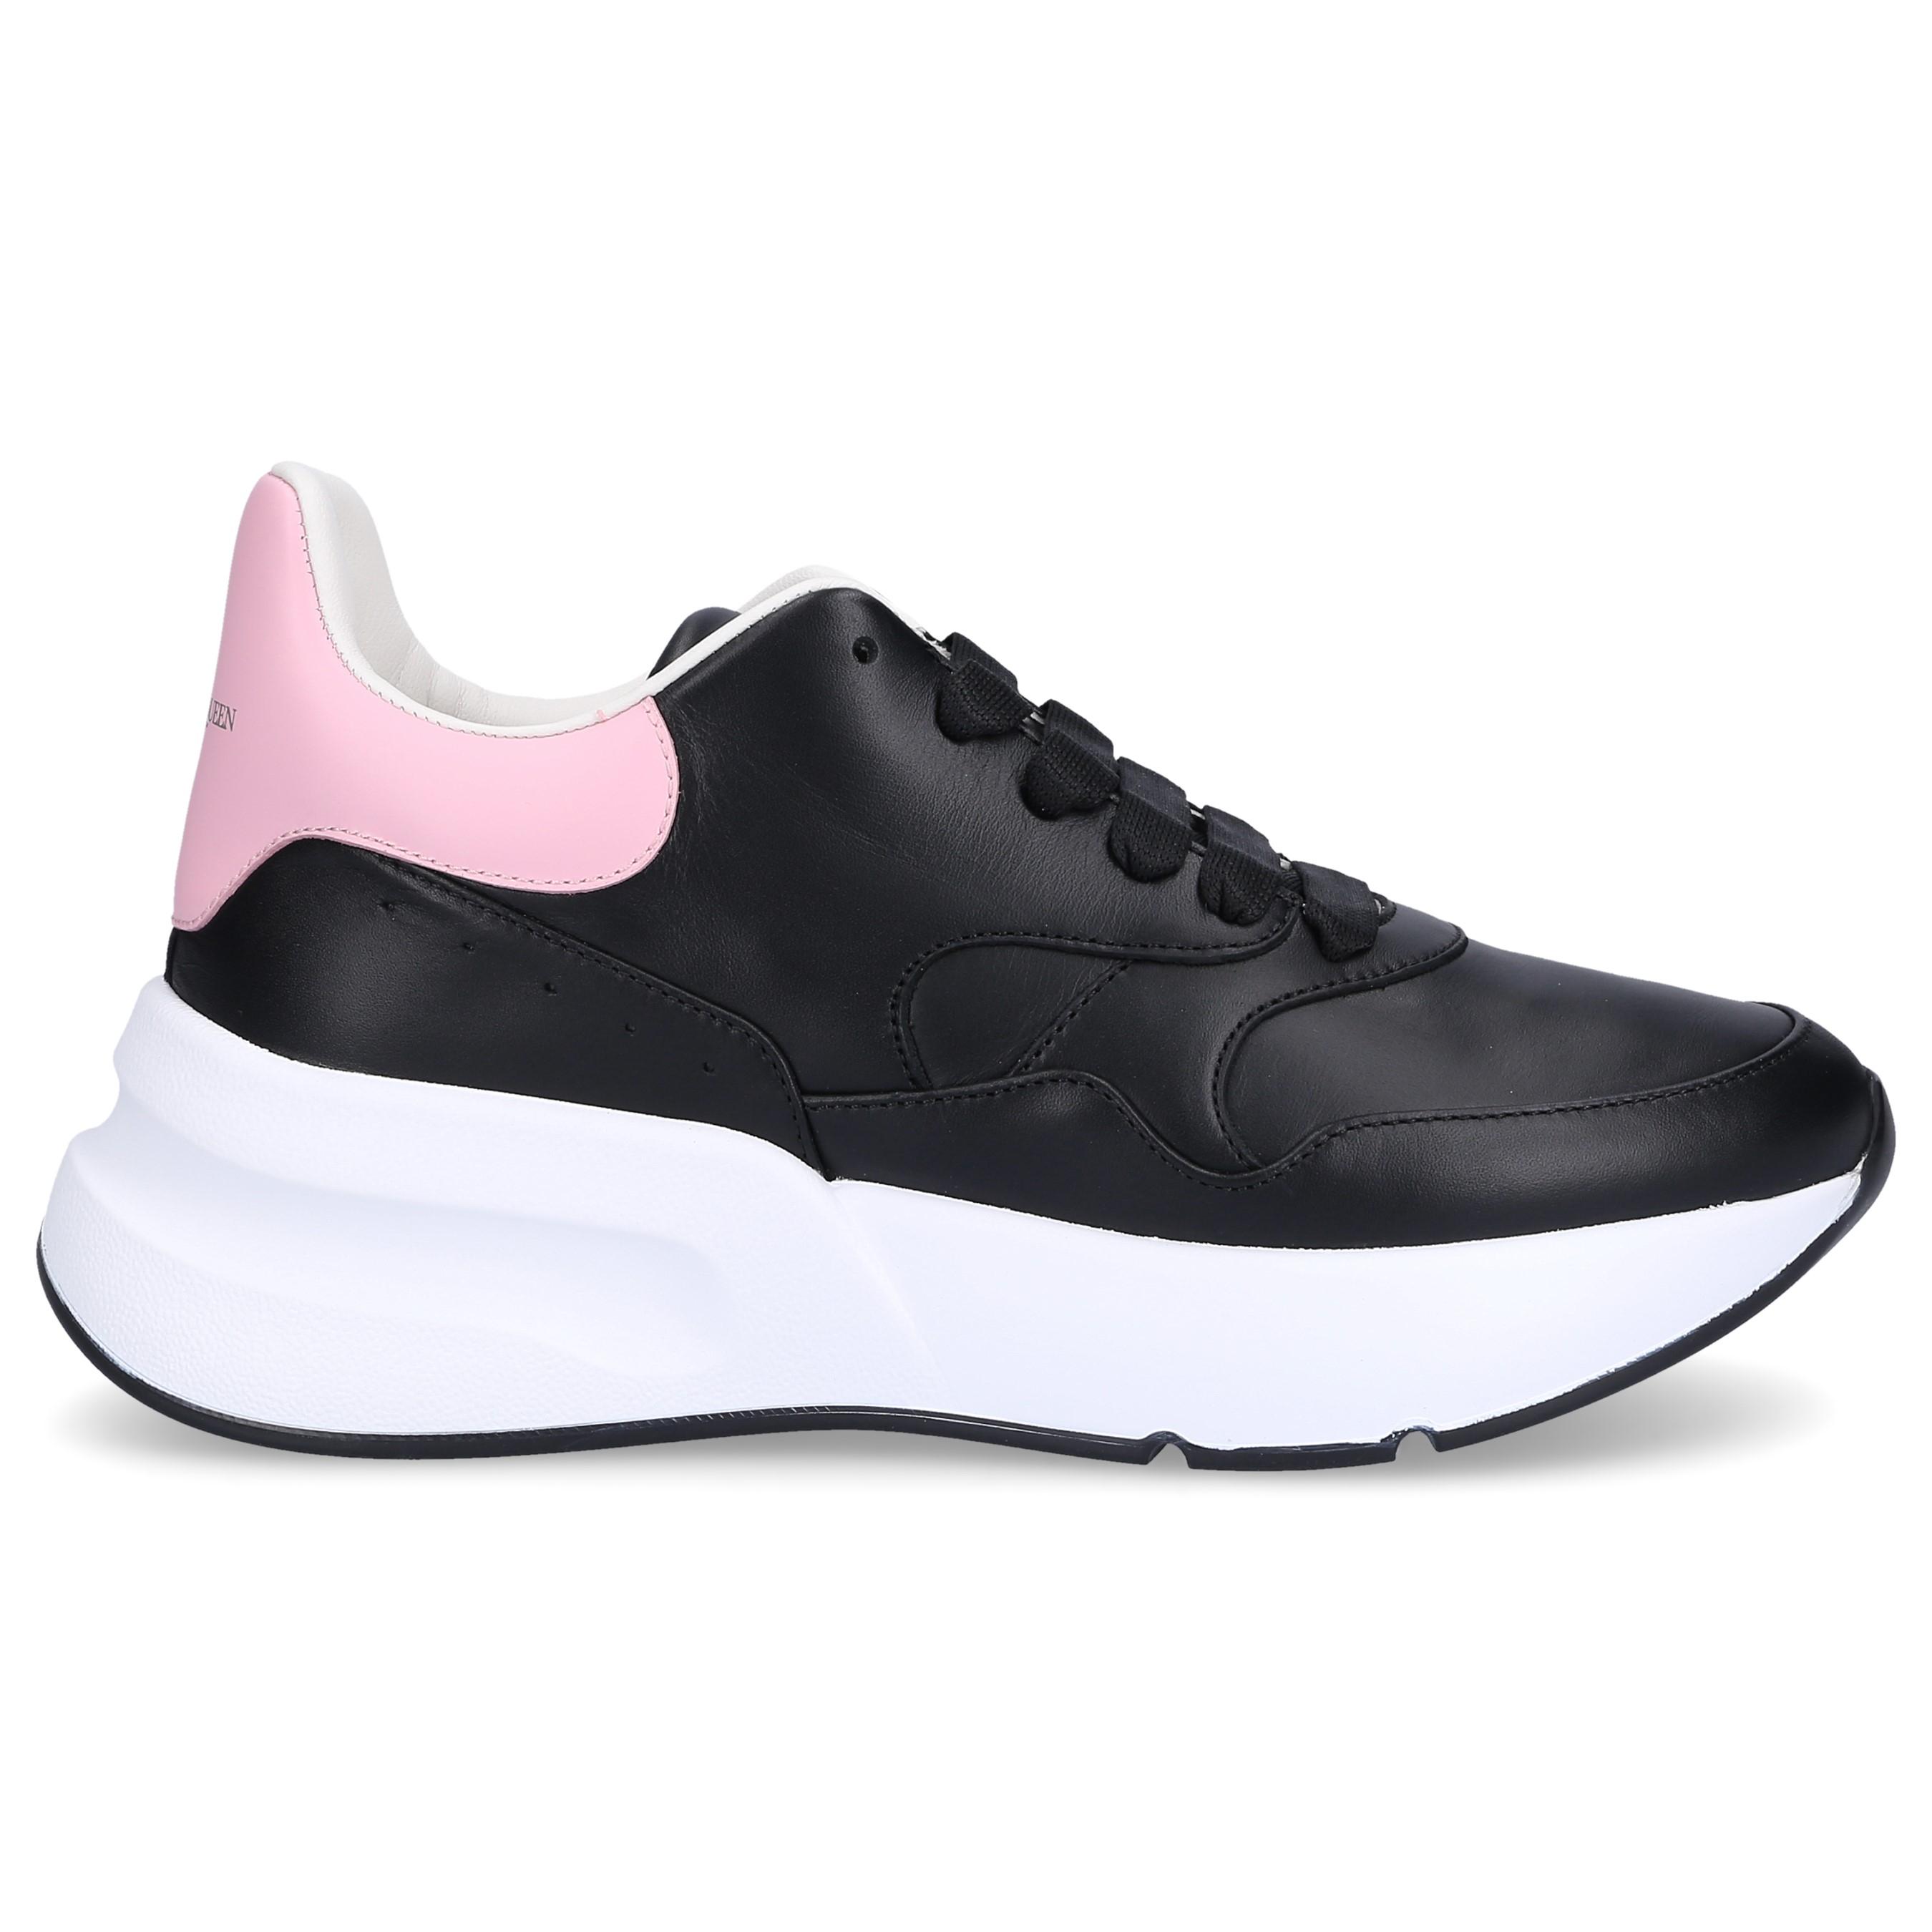 Sneaker low JOEY Kalbsleder Logo rosa schwarz